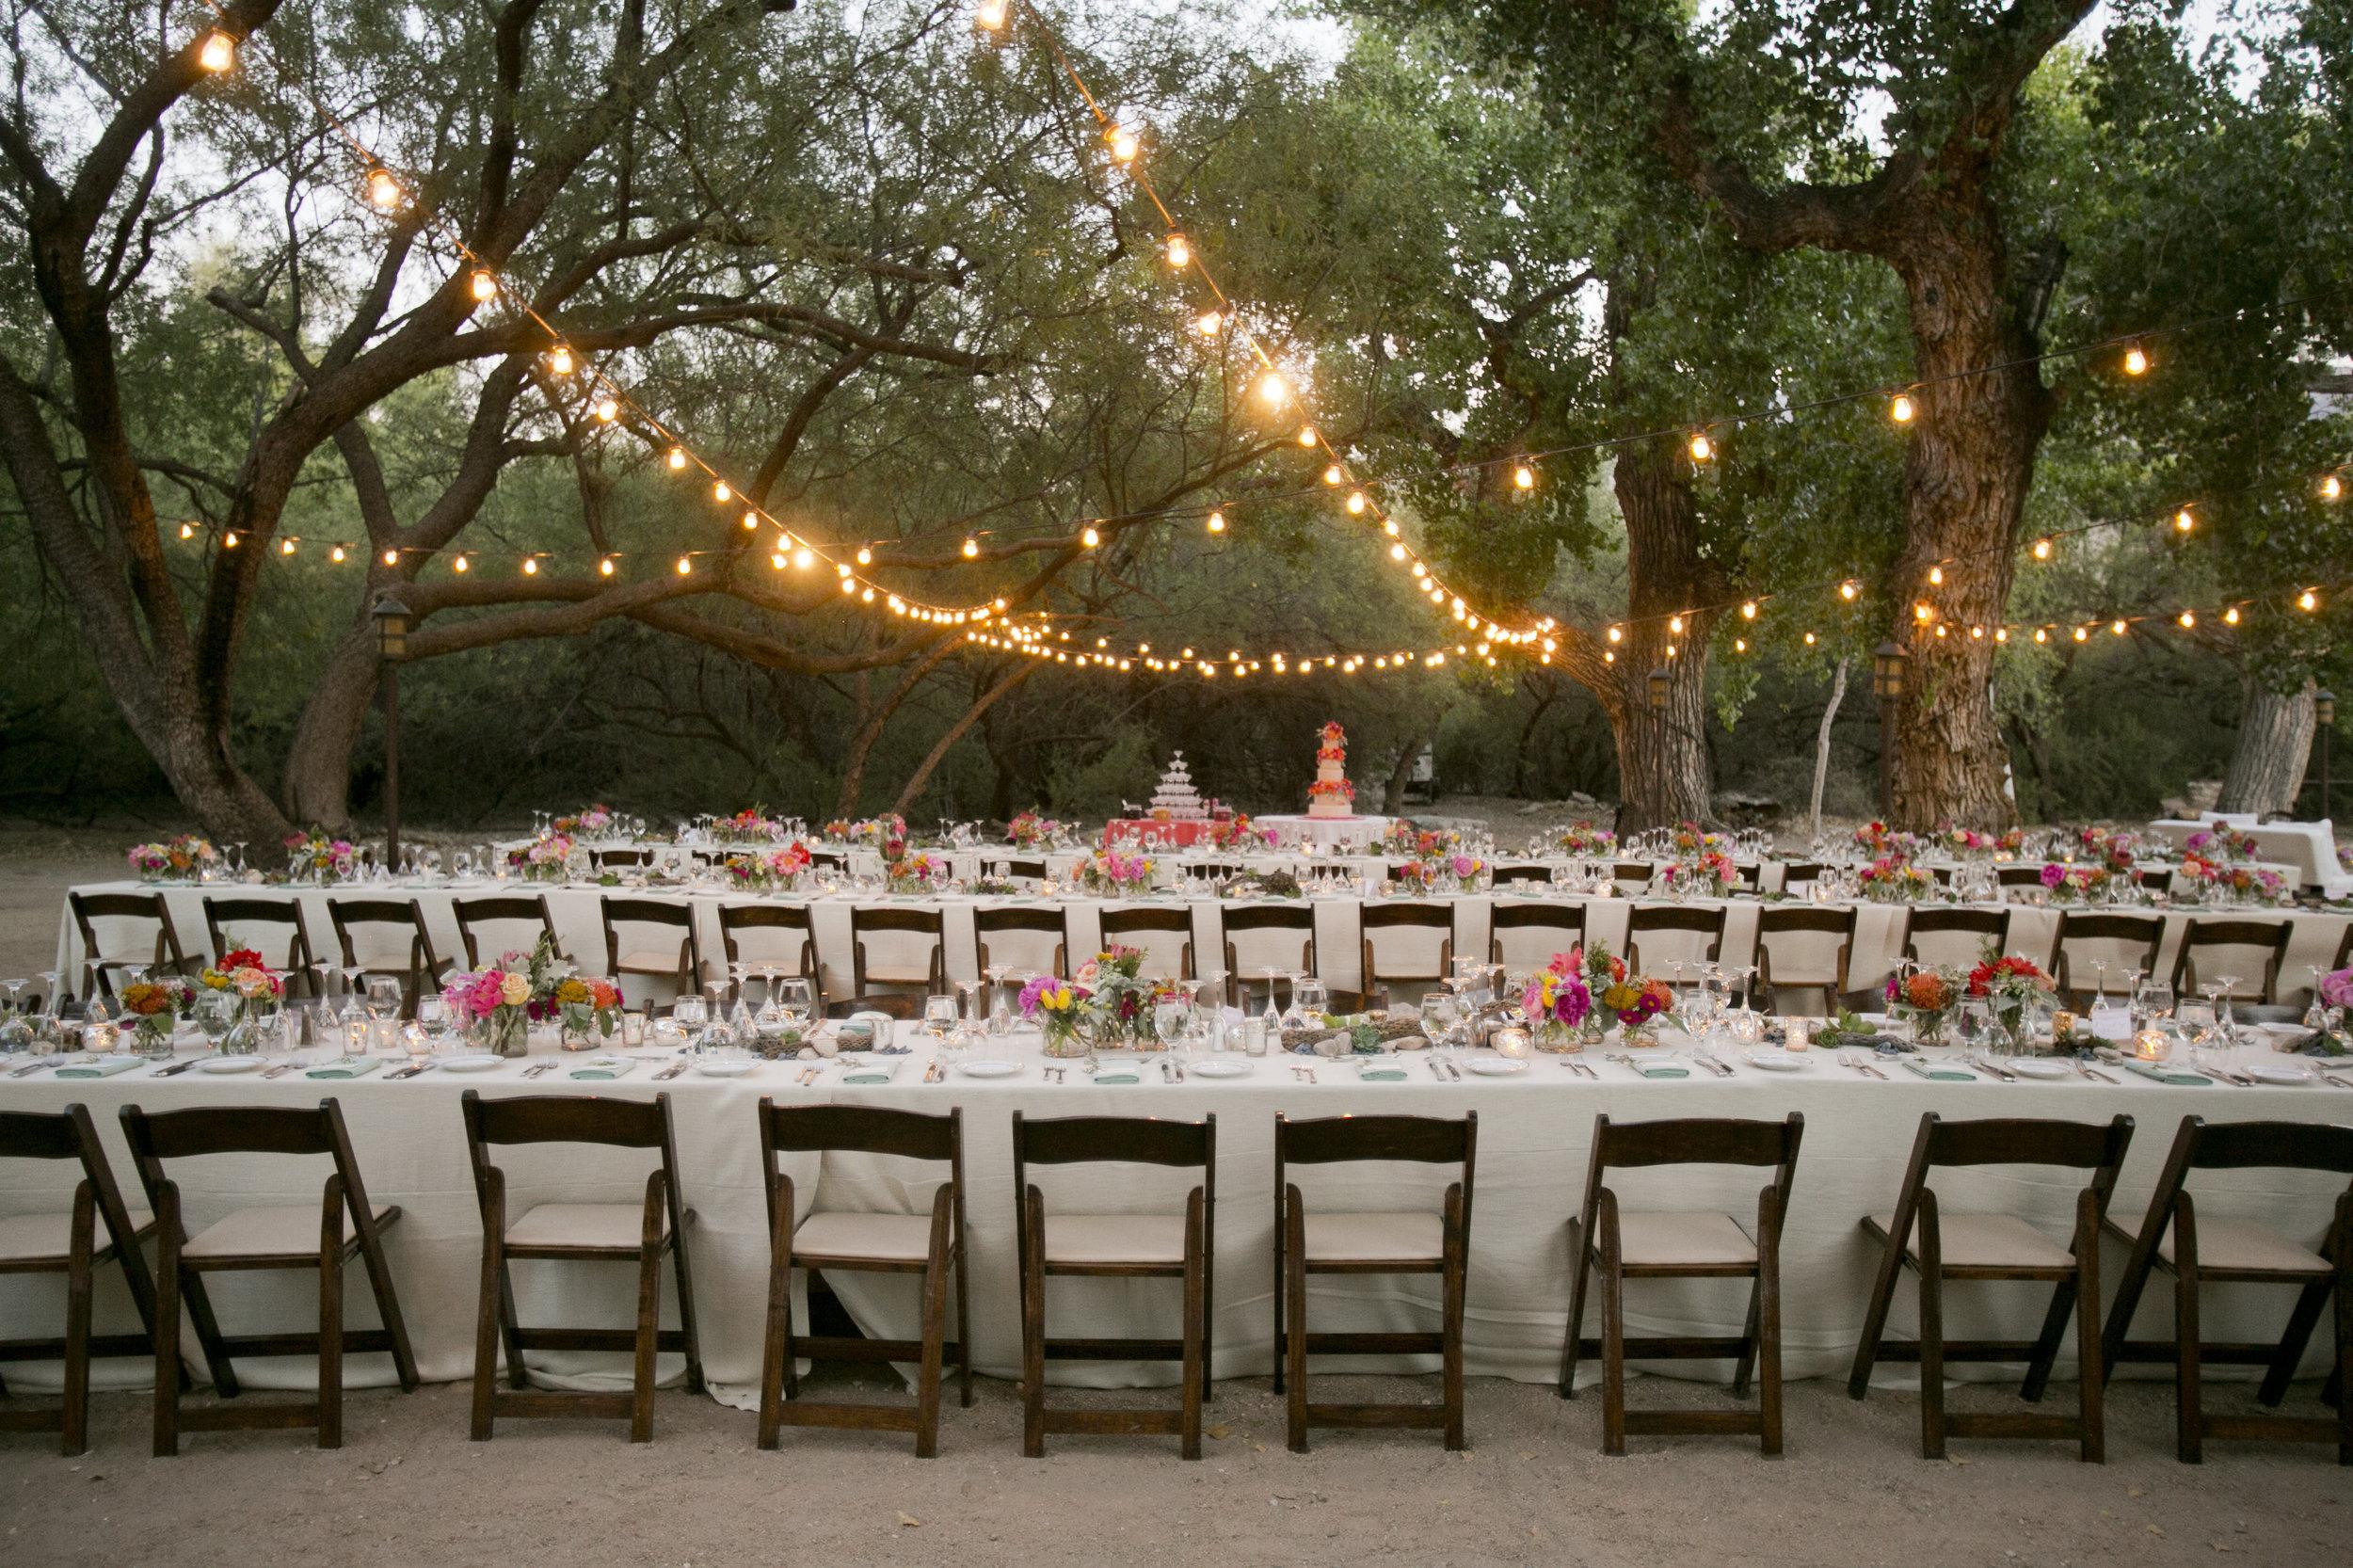 Ceci_New_York_Ceci_Style_Ceci_Johnson_Luxury_Lifestyle_Arizona_Wedding_Watercolor_Inspiration_Design_Custom_Couture_Personalized_Invitations_162.jpg